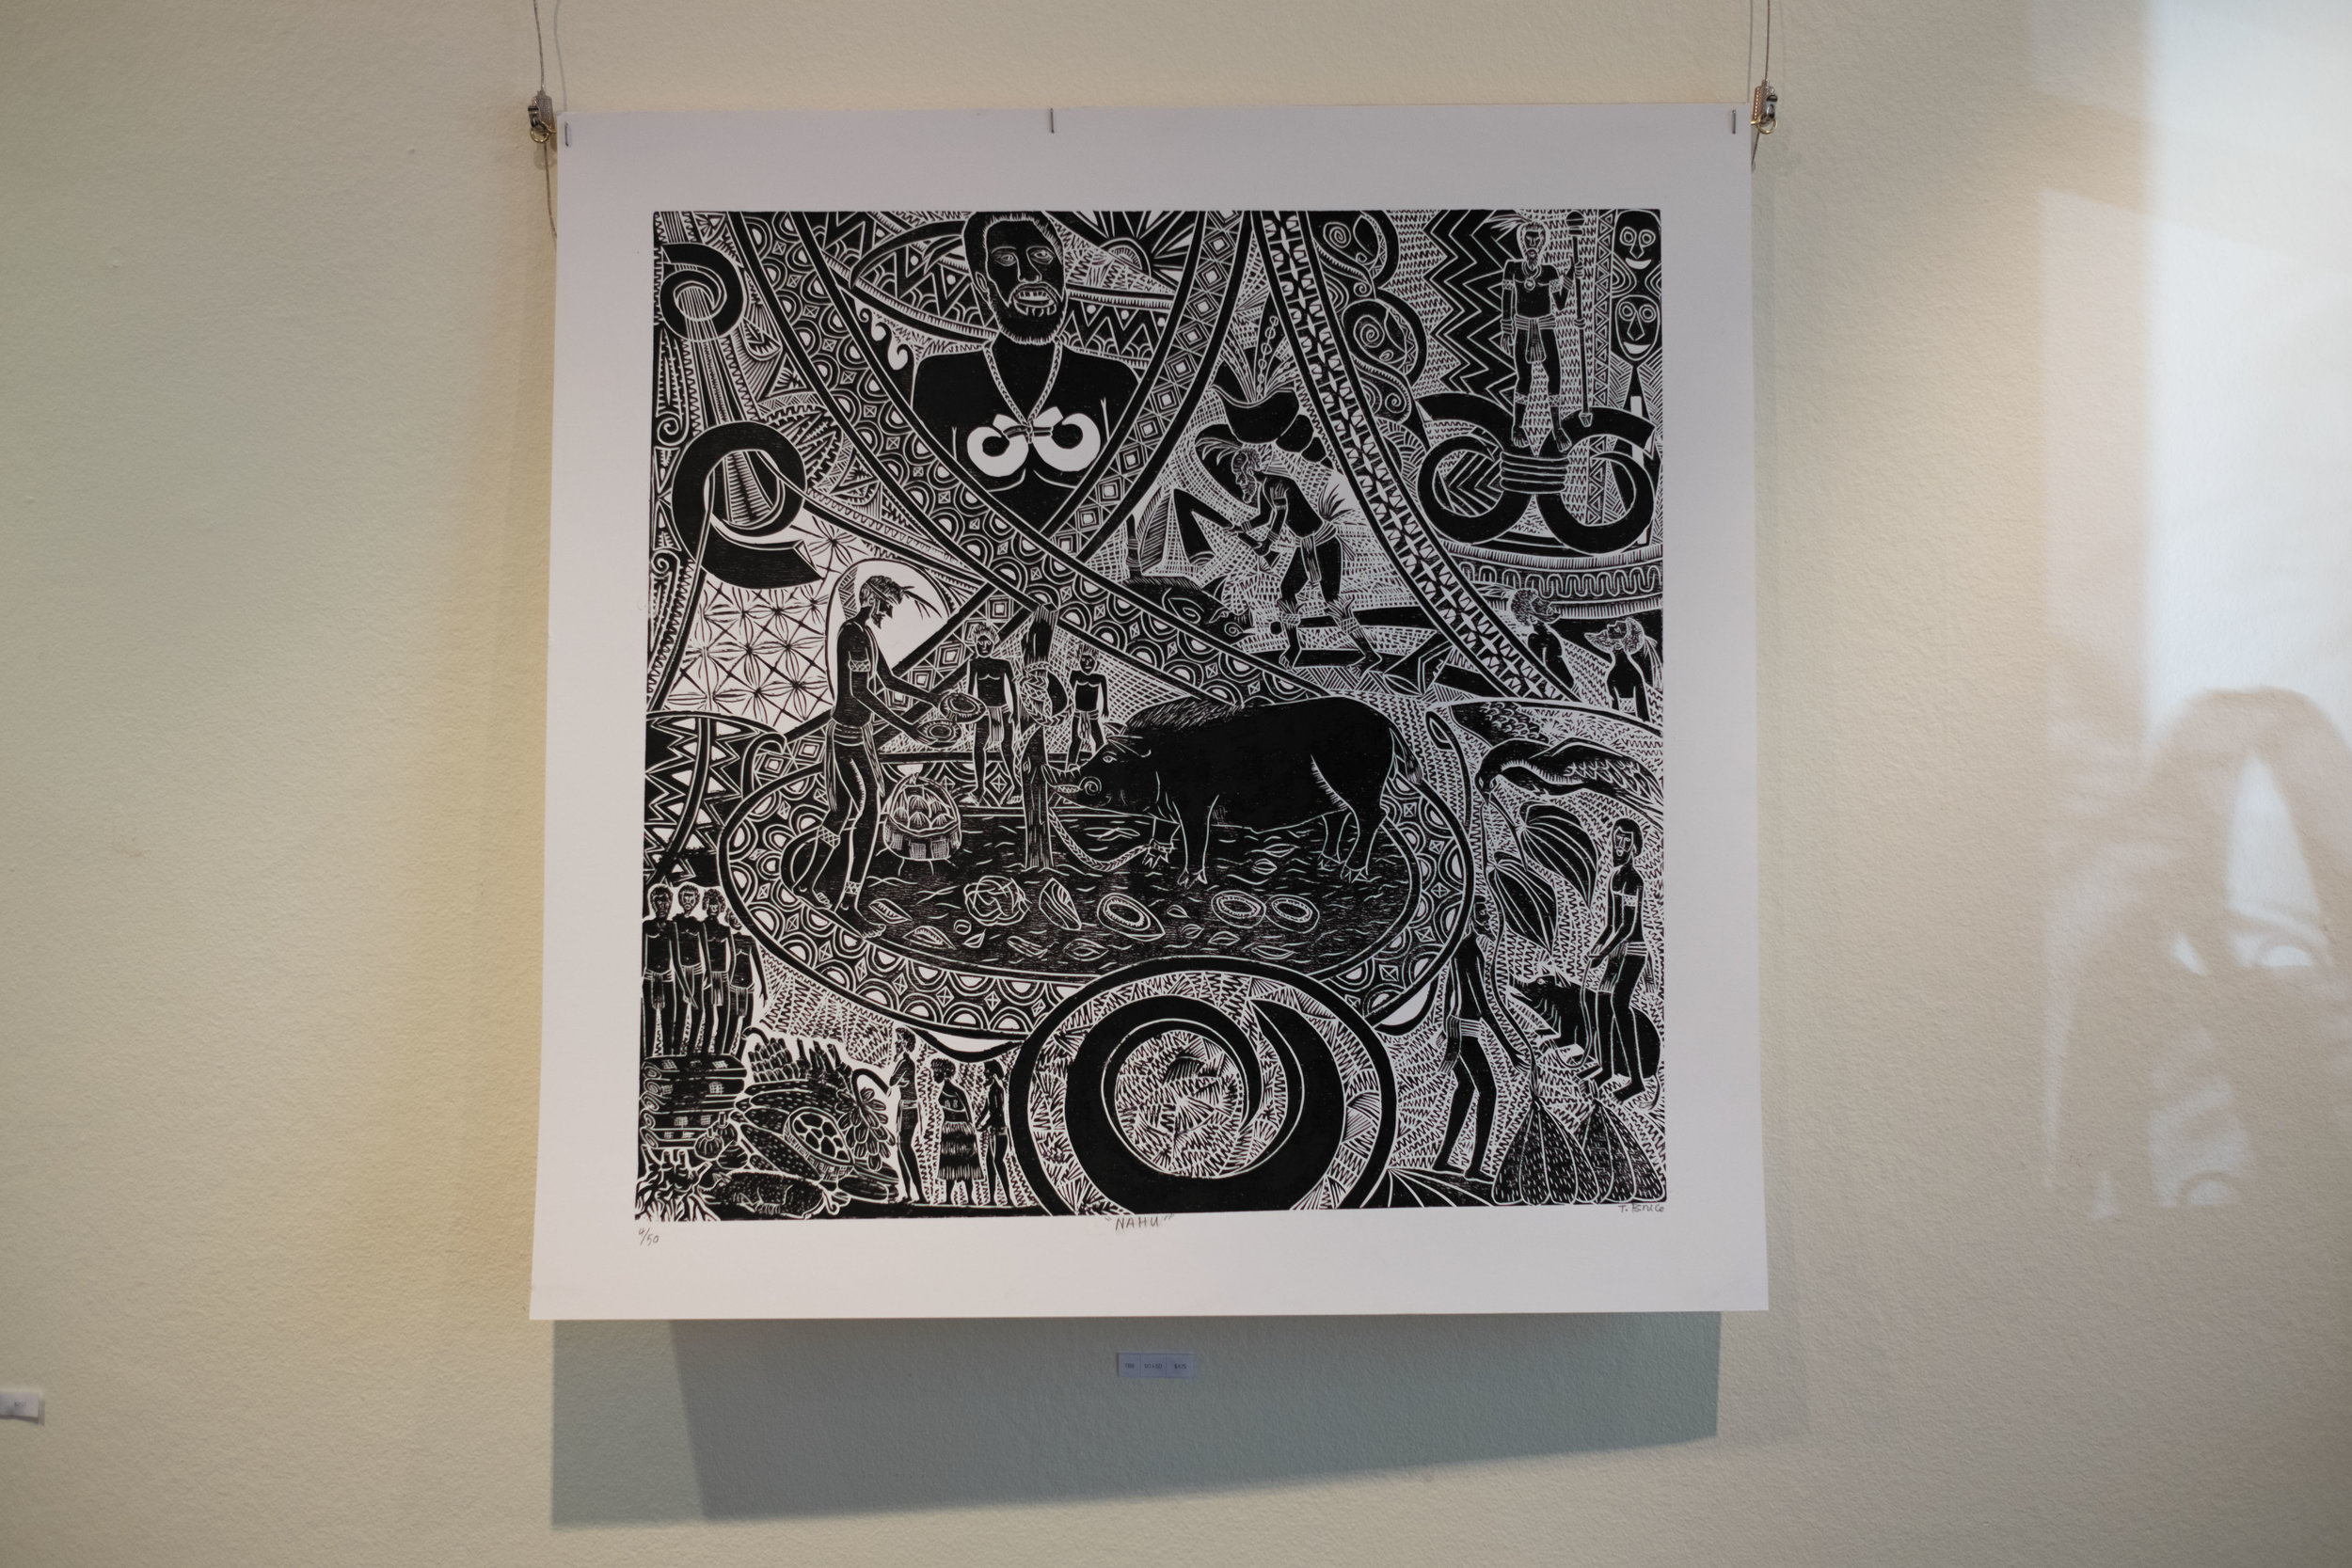 black wall art boar.jpg